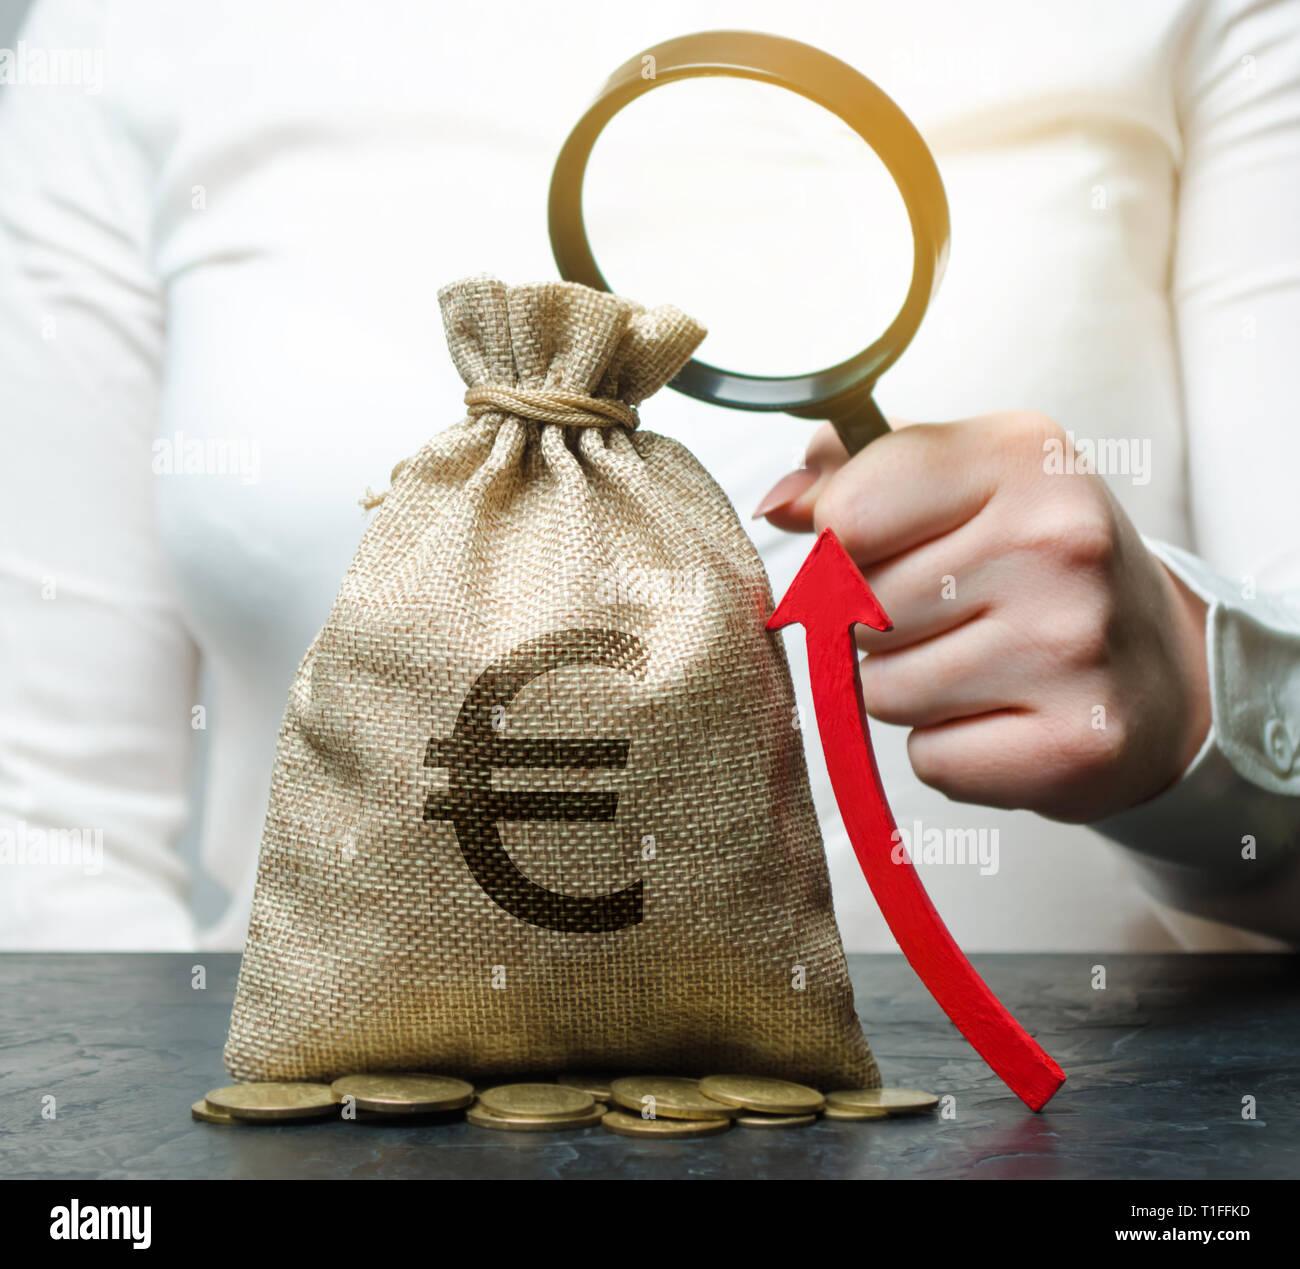 Femme main courante loupe sur sac d'argent et la flèche vers le haut. L'analyse de concepts de profits et de budget dans la société. Réussite de l'entreprise. L'ensemble, les Banque D'Images